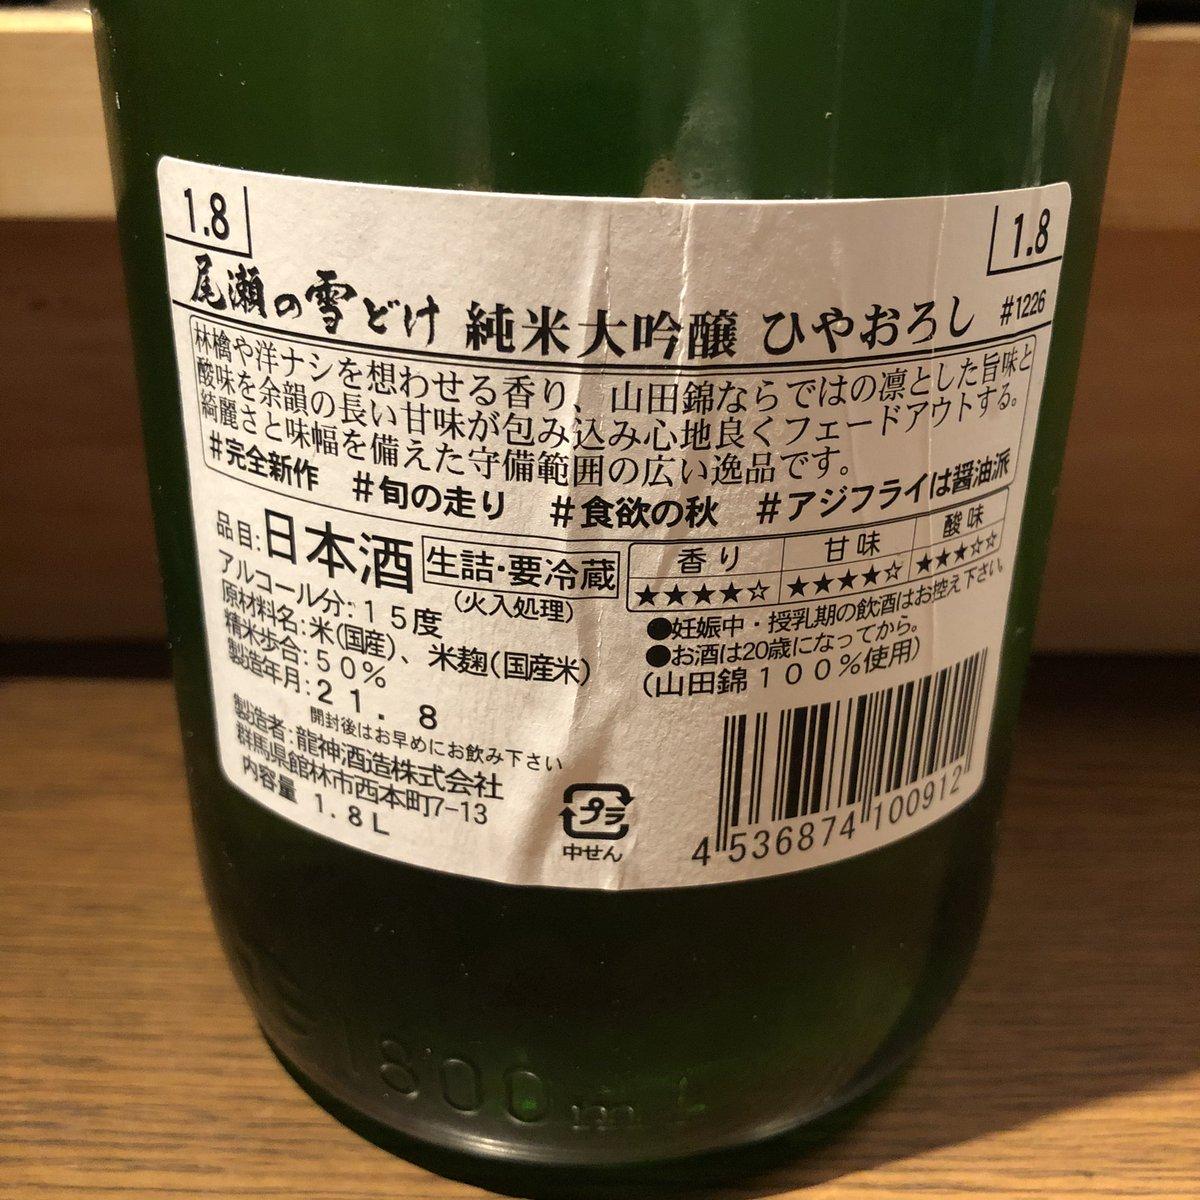 test ツイッターメディア - 尾瀬の雪どけ 純米大吟醸 ひやおろし 純米大吟醸らしく甘めで香りもほどほどに。ひやおろしらしく角が取れてまったりと飲みやすい。 #奈良#うま杉#天草#地酒#地魚#日本酒#尾瀬の雪どけ https://t.co/rETL1LALnD